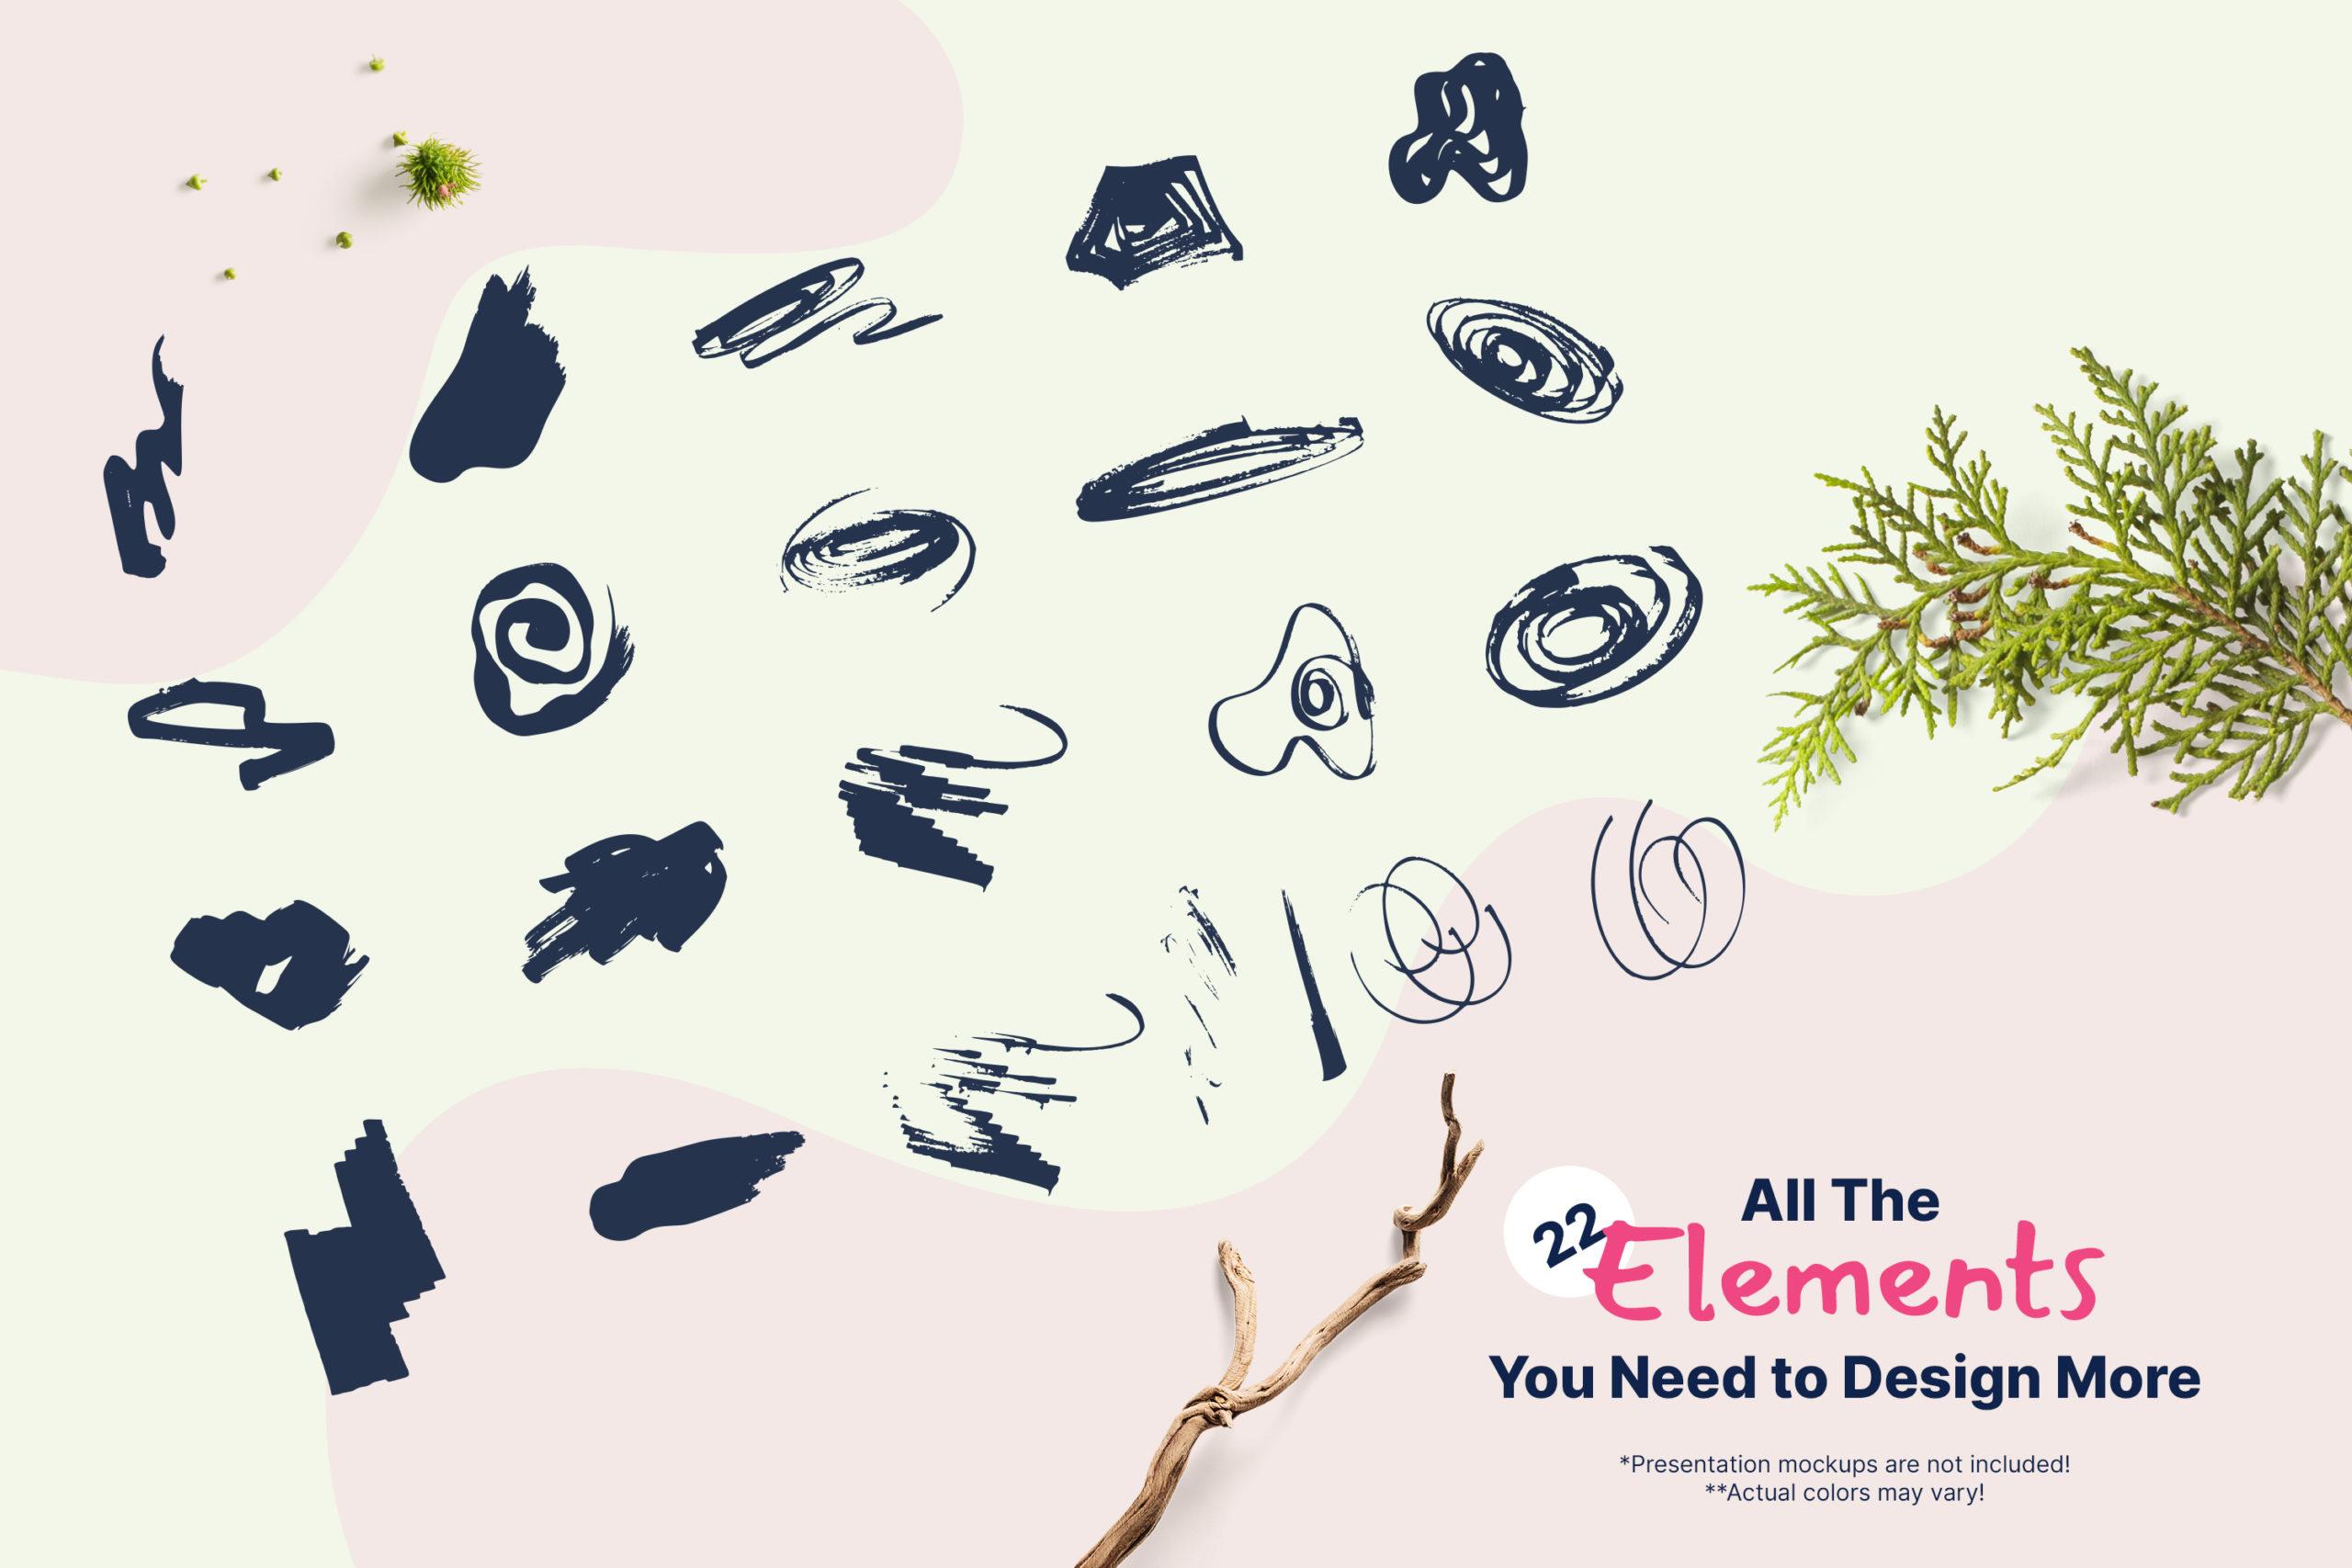 粗糙水墨毛笔笔触纹理海报设计背景图片矢量设计素材 Distressed Vector Backgrounds插图1